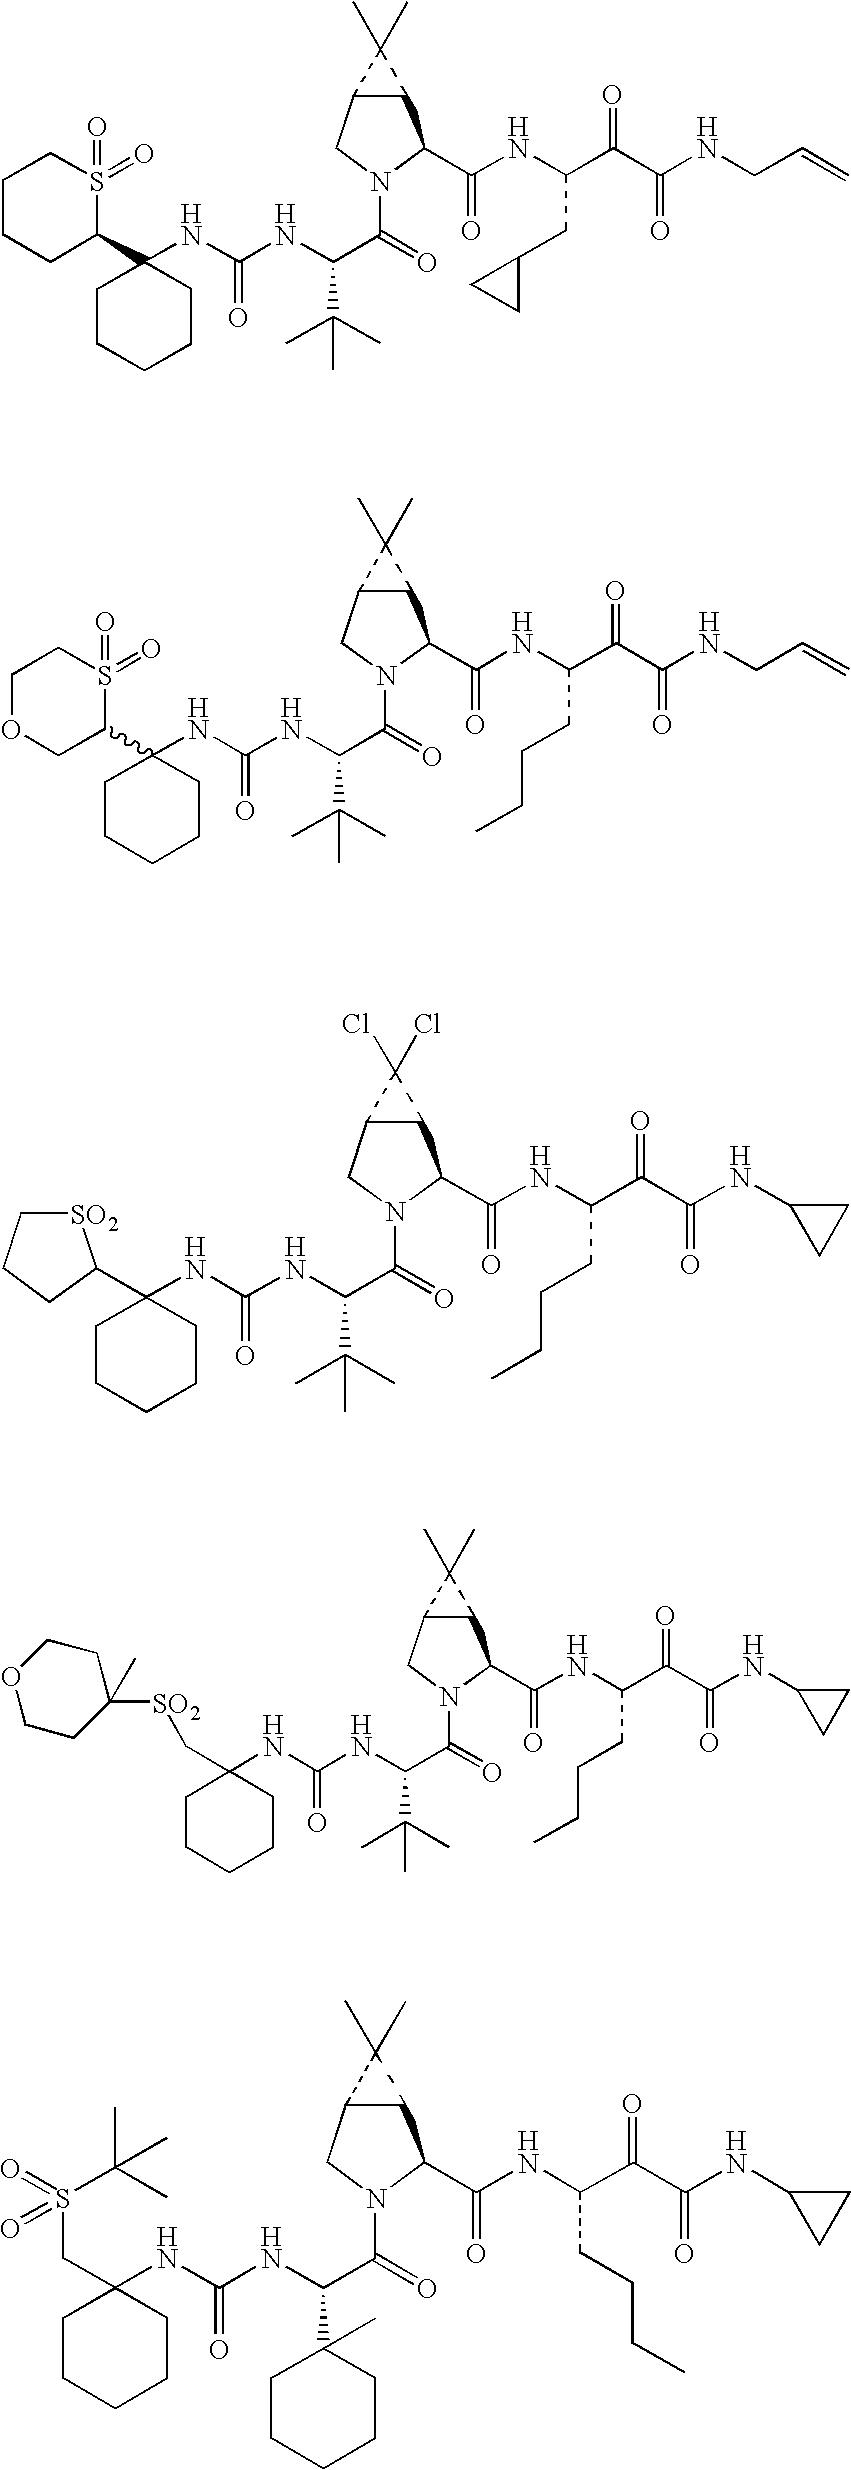 Figure US20060287248A1-20061221-C00479